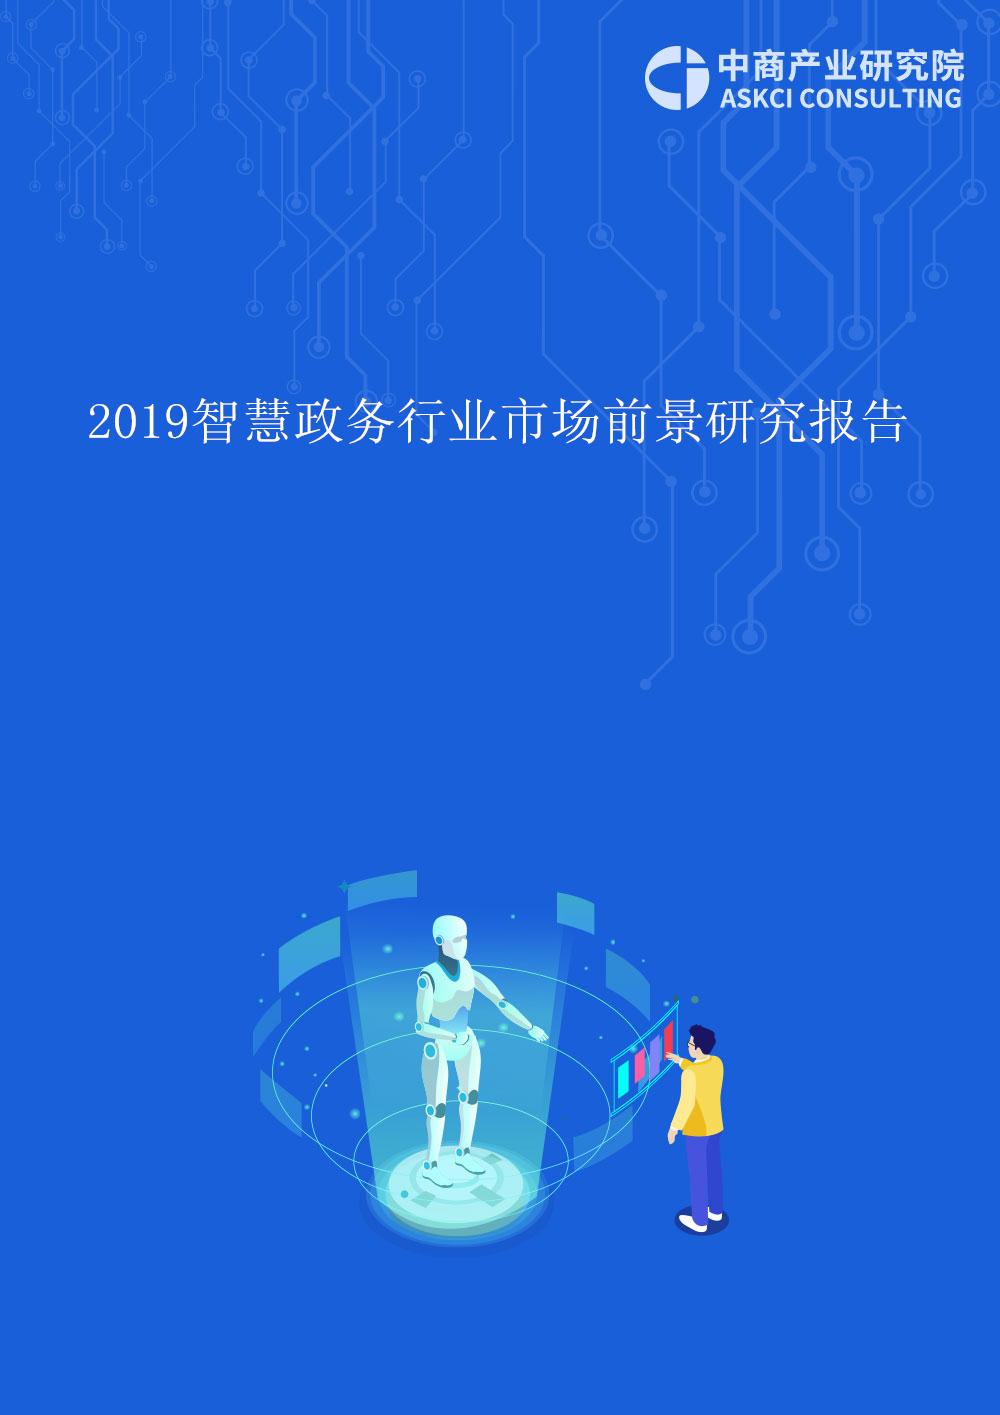 2019智慧政务行业市场前景研究报告